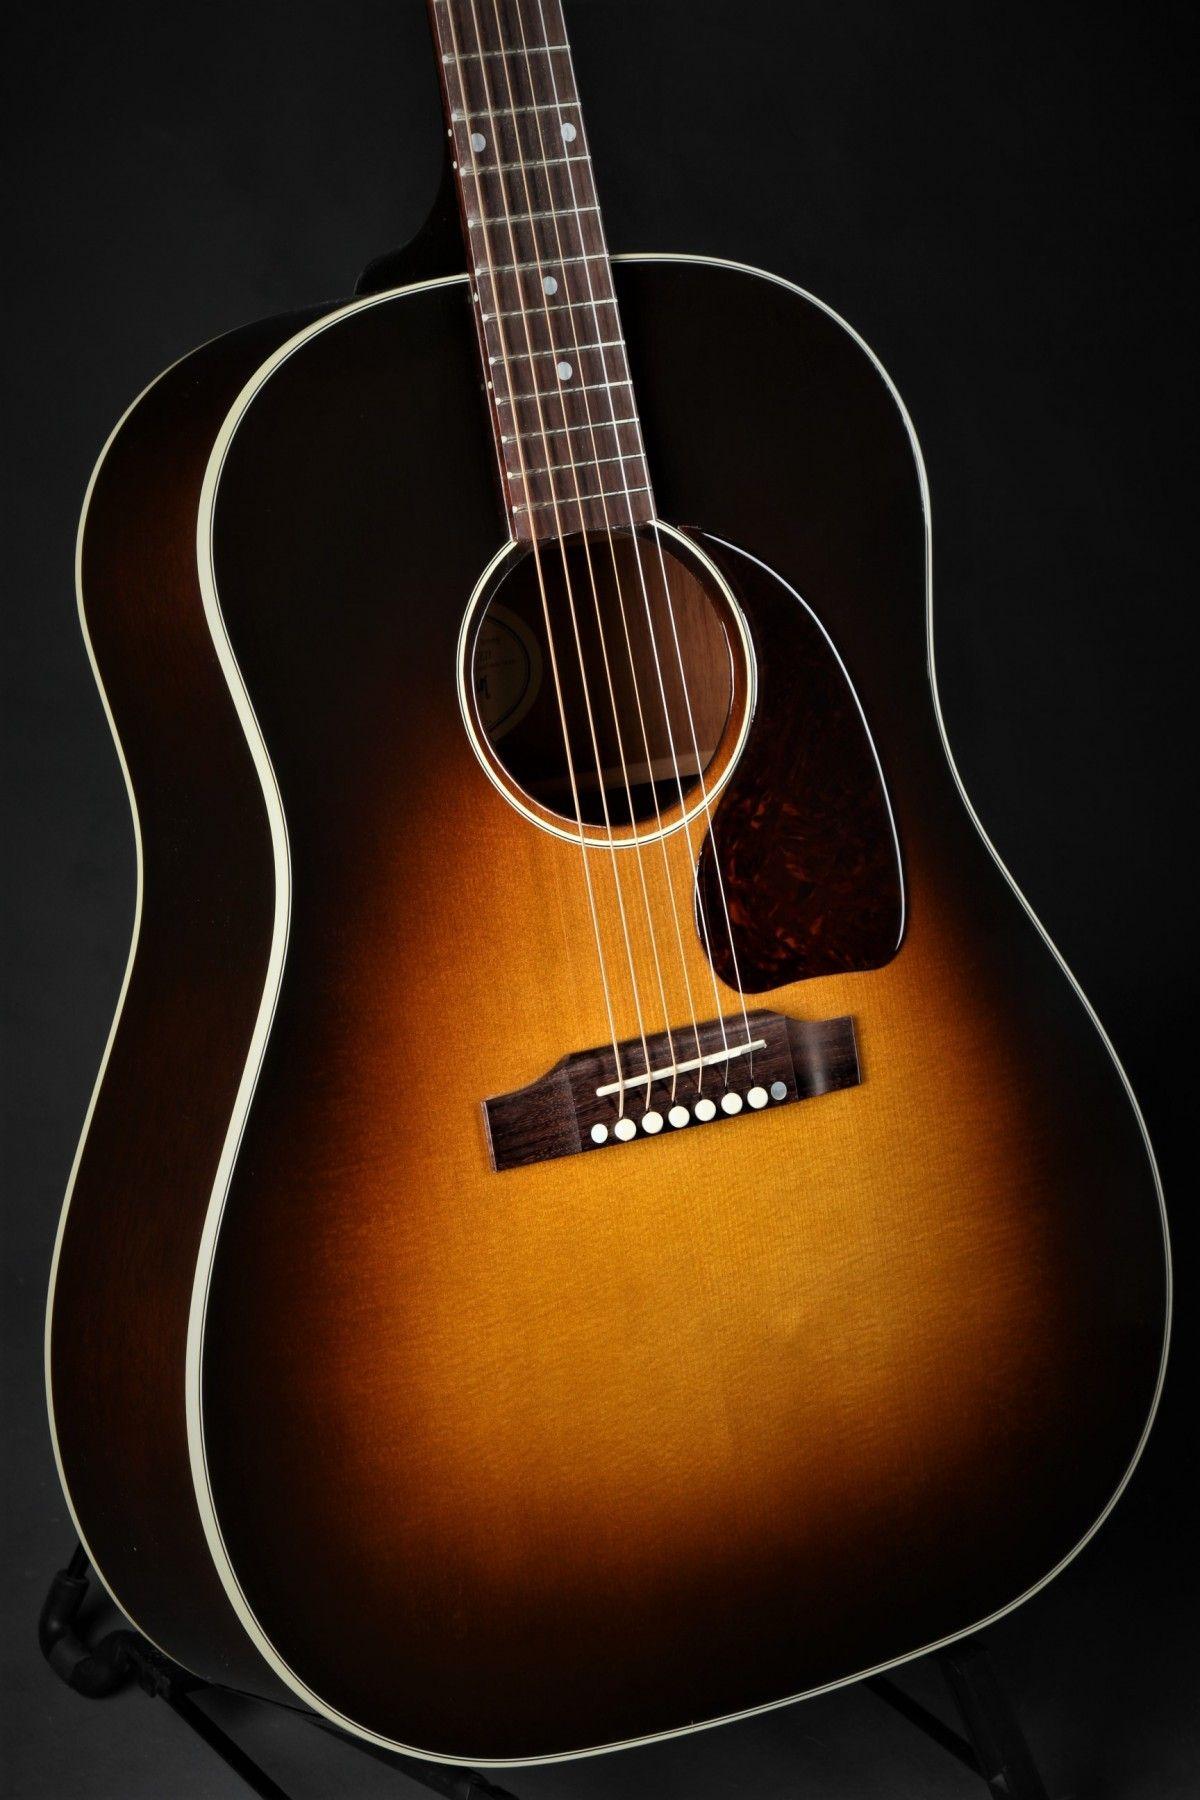 Used Gibson Montana J45 Standard 2018 Vintage Sunburst Used Acoustic Guitars Used Gear Guitar Used Acoustic Guitars Acoustic